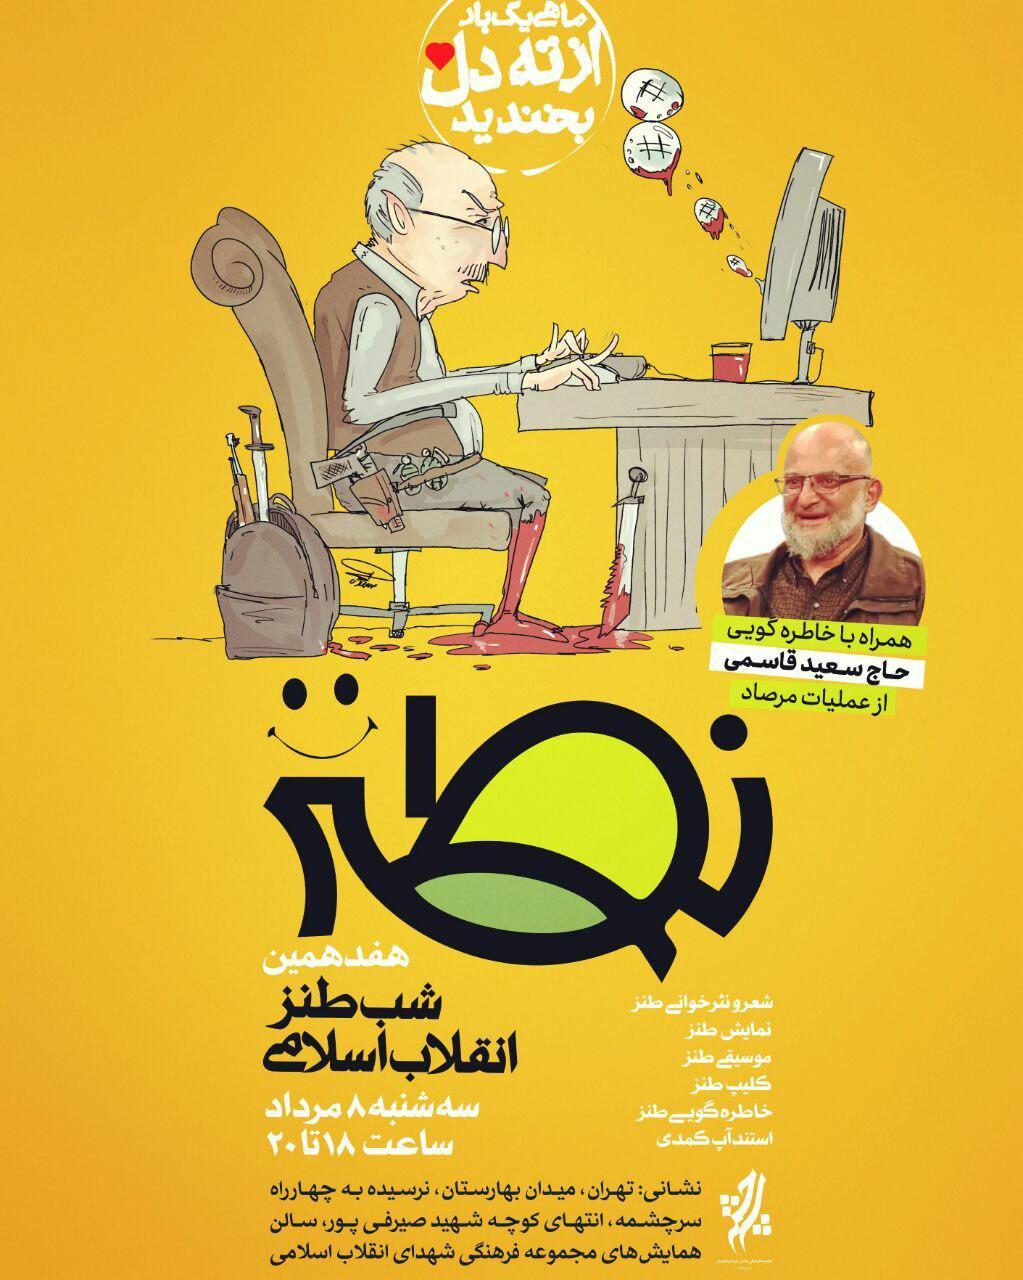 باشگاه خبرنگاران -هفدهمین شب طنز انقلاب اسلامی برگزار میشود/ خاطره گویی از عملیات مرصاد